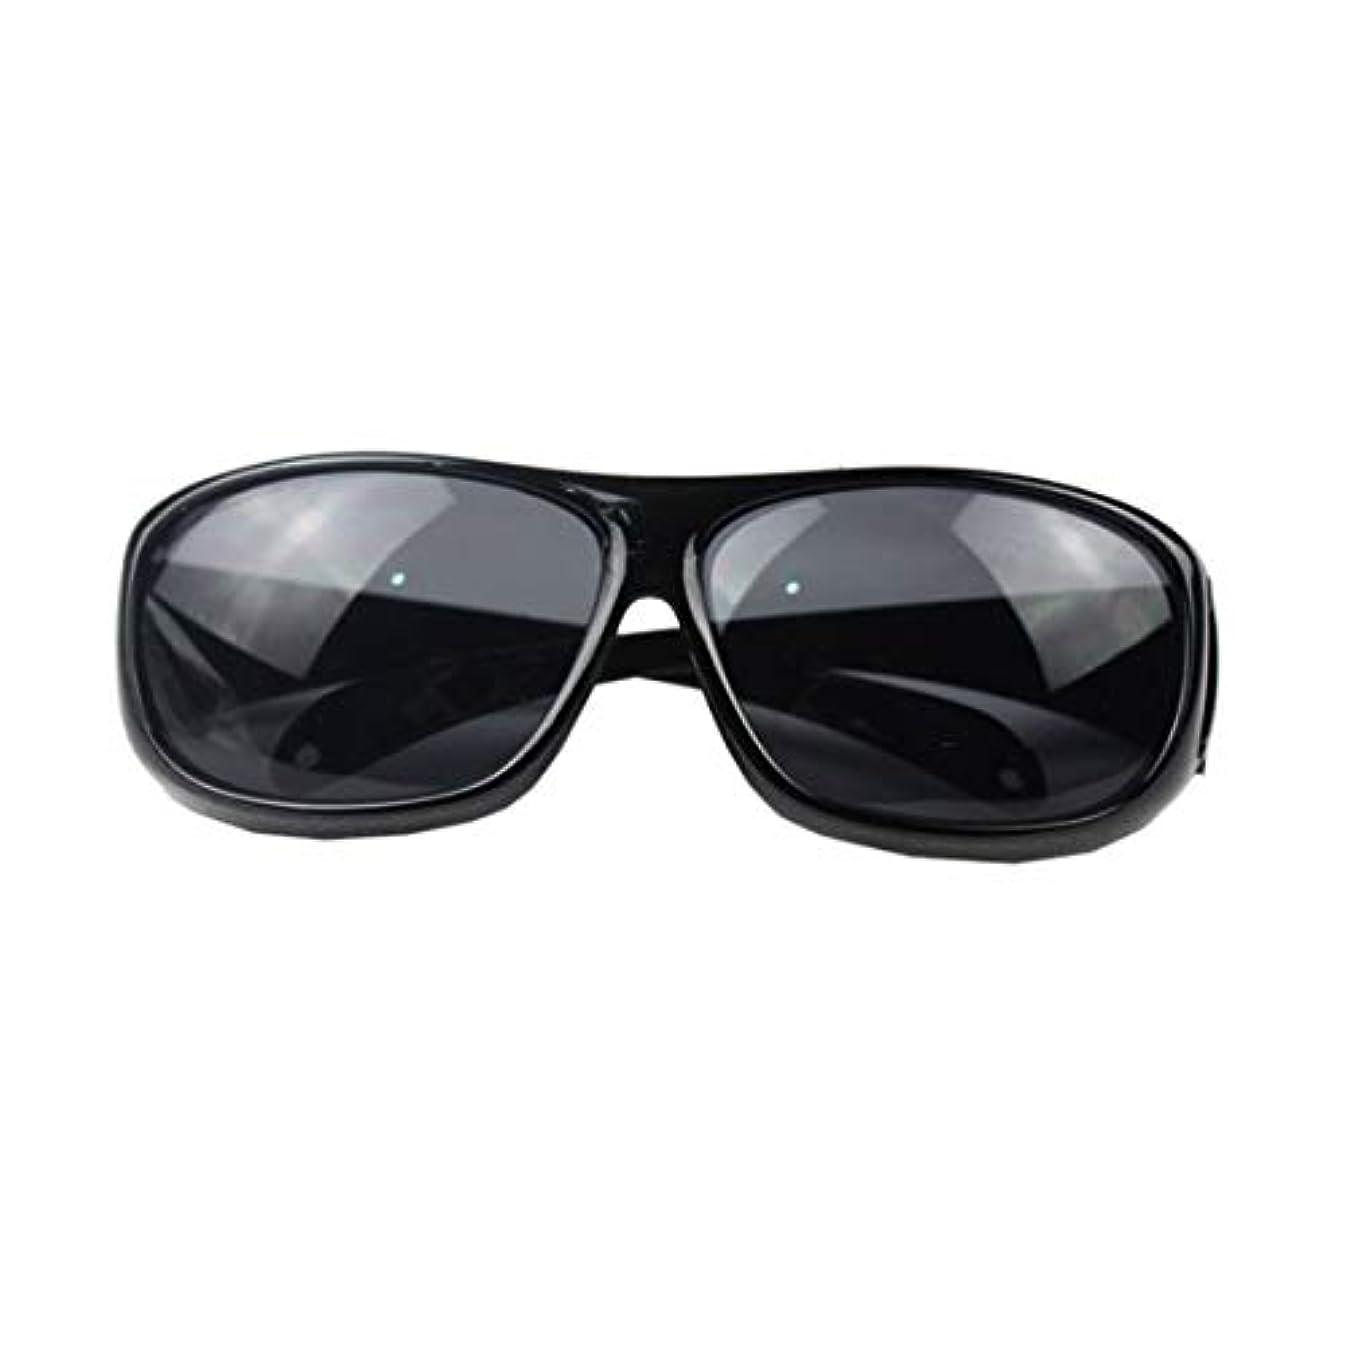 おしゃれじゃない市場普及Intercoreyオートバイメガネナイトビューサングラス狩猟射撃エアガンアイウェア男性眼の保護防風モトゴーグル